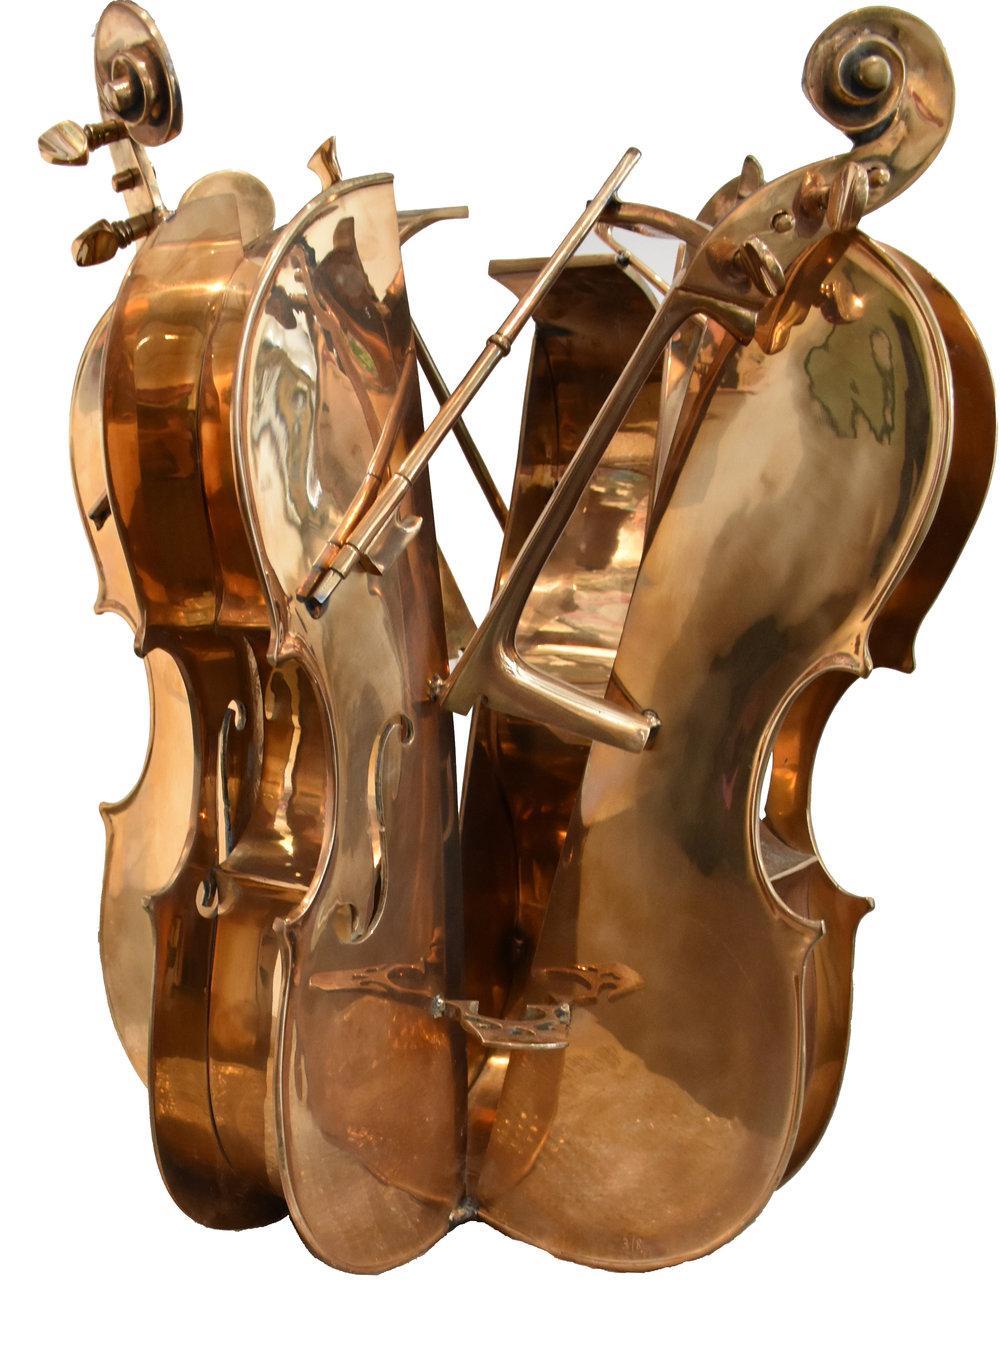 Table Violons - Bronze76 x 55 x 55 cm